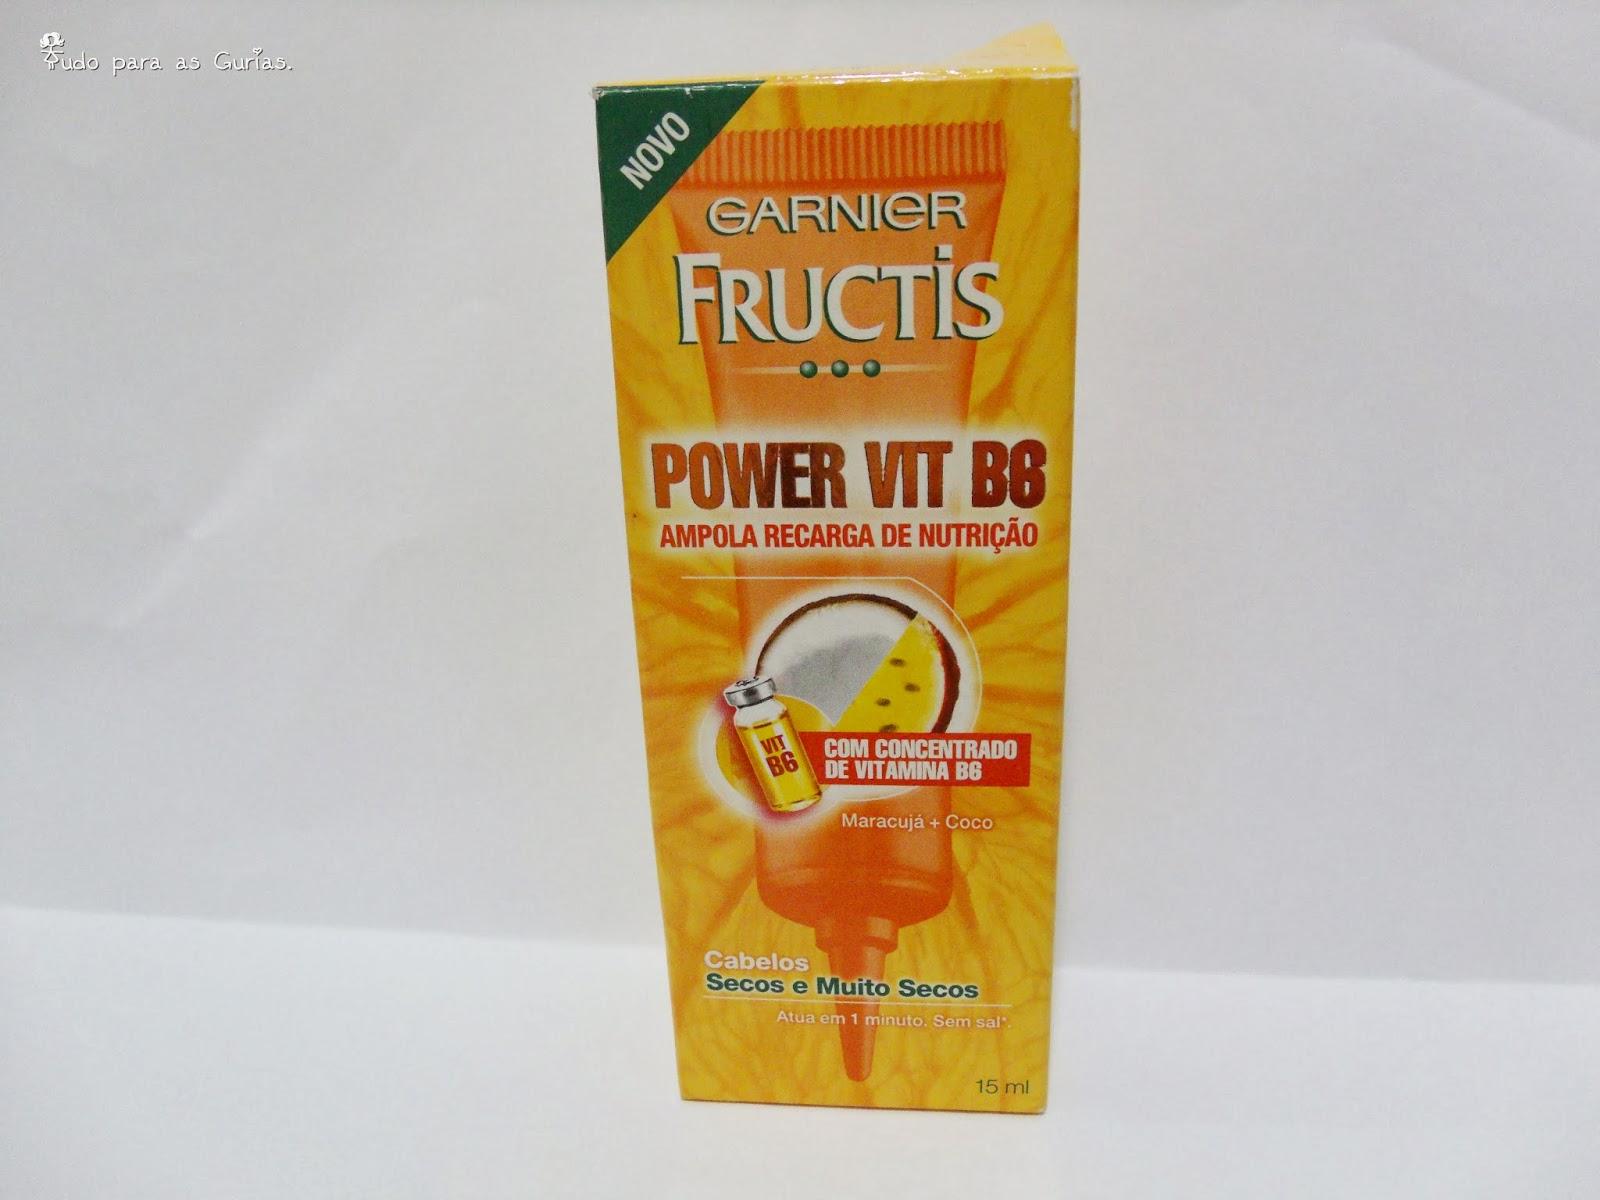 Testei e gostei:Ampola de tratamento da Garnier Fructis.